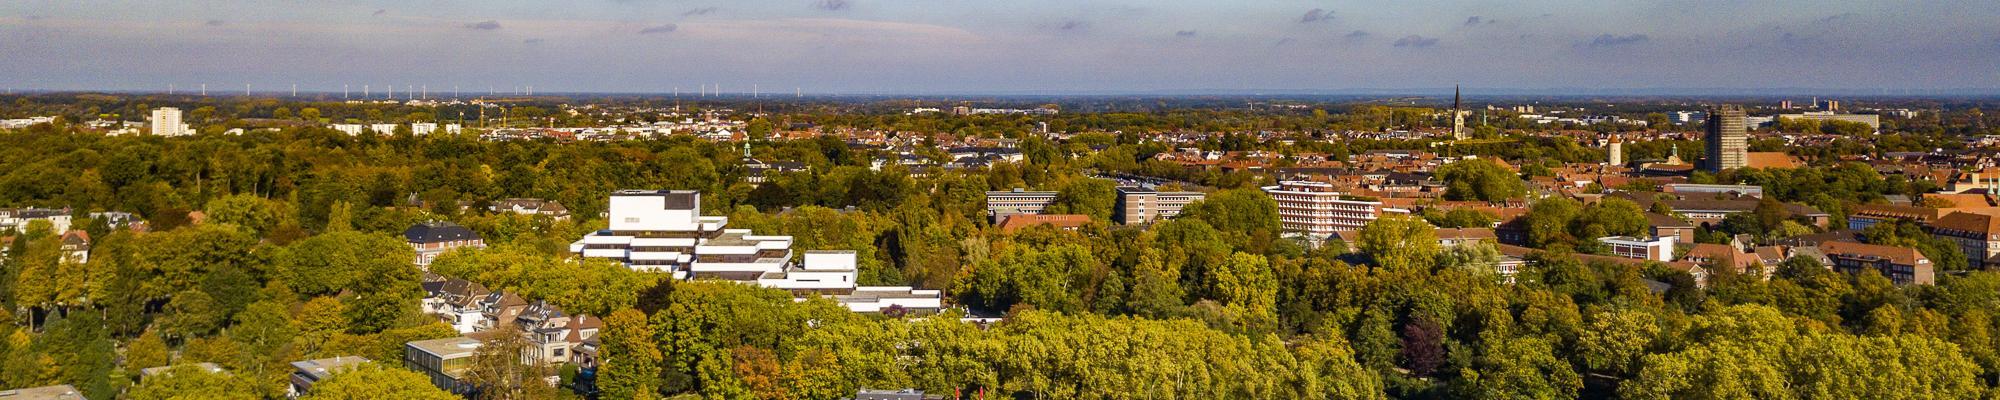 Wellness in Münster » Jetzt bis zu 50% sparen - Travelcircus